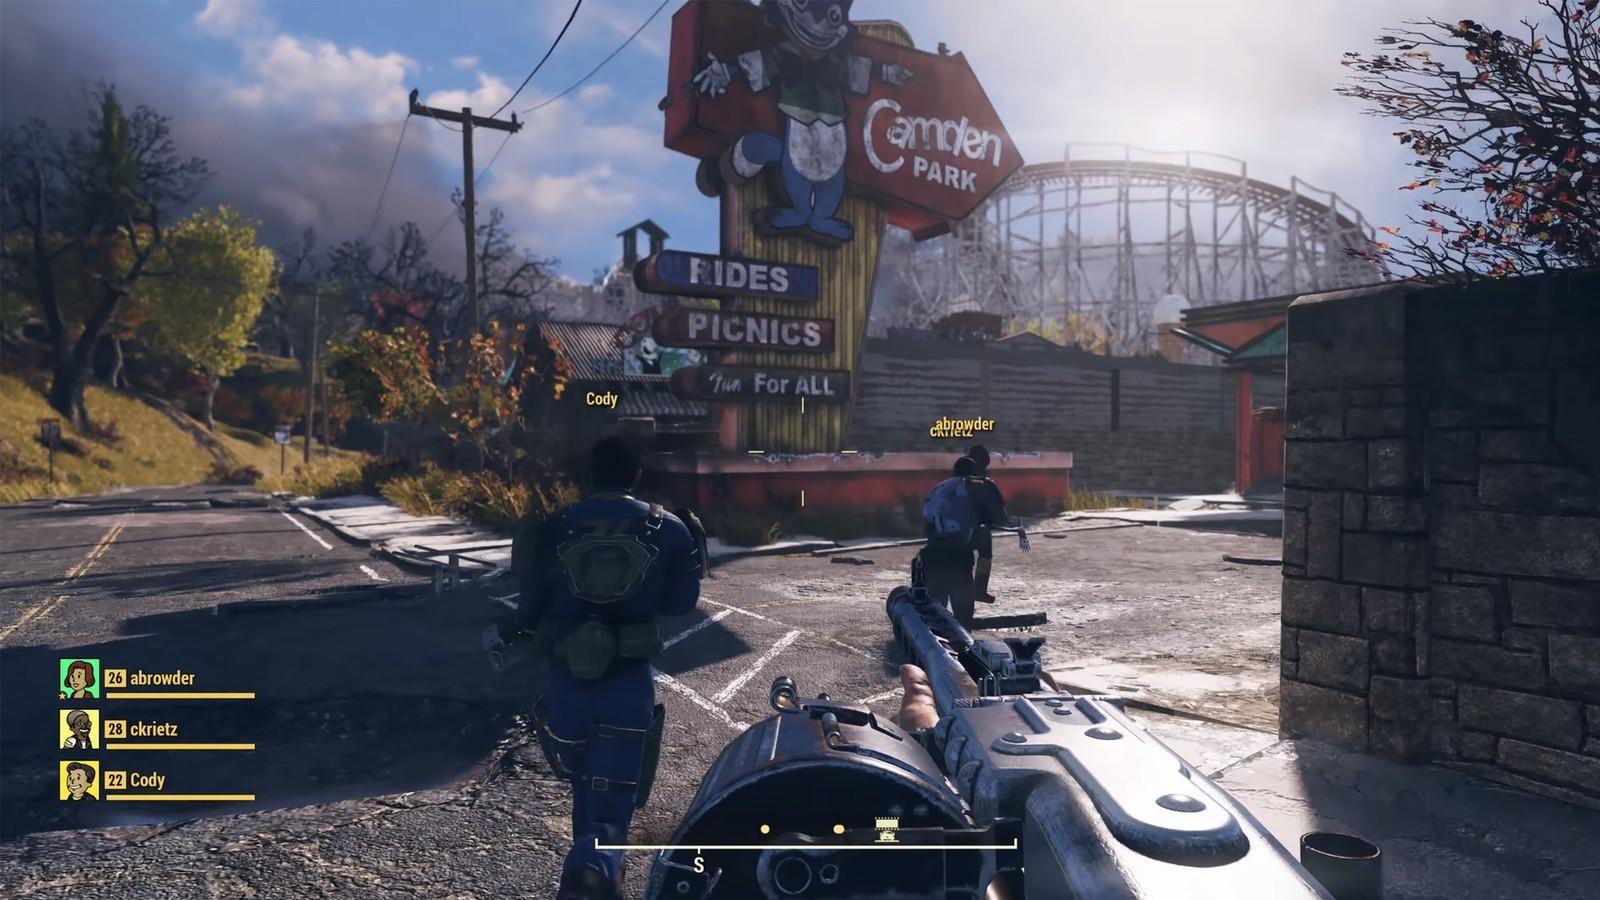 Vue Première personne avec mitraillette Fallout 76